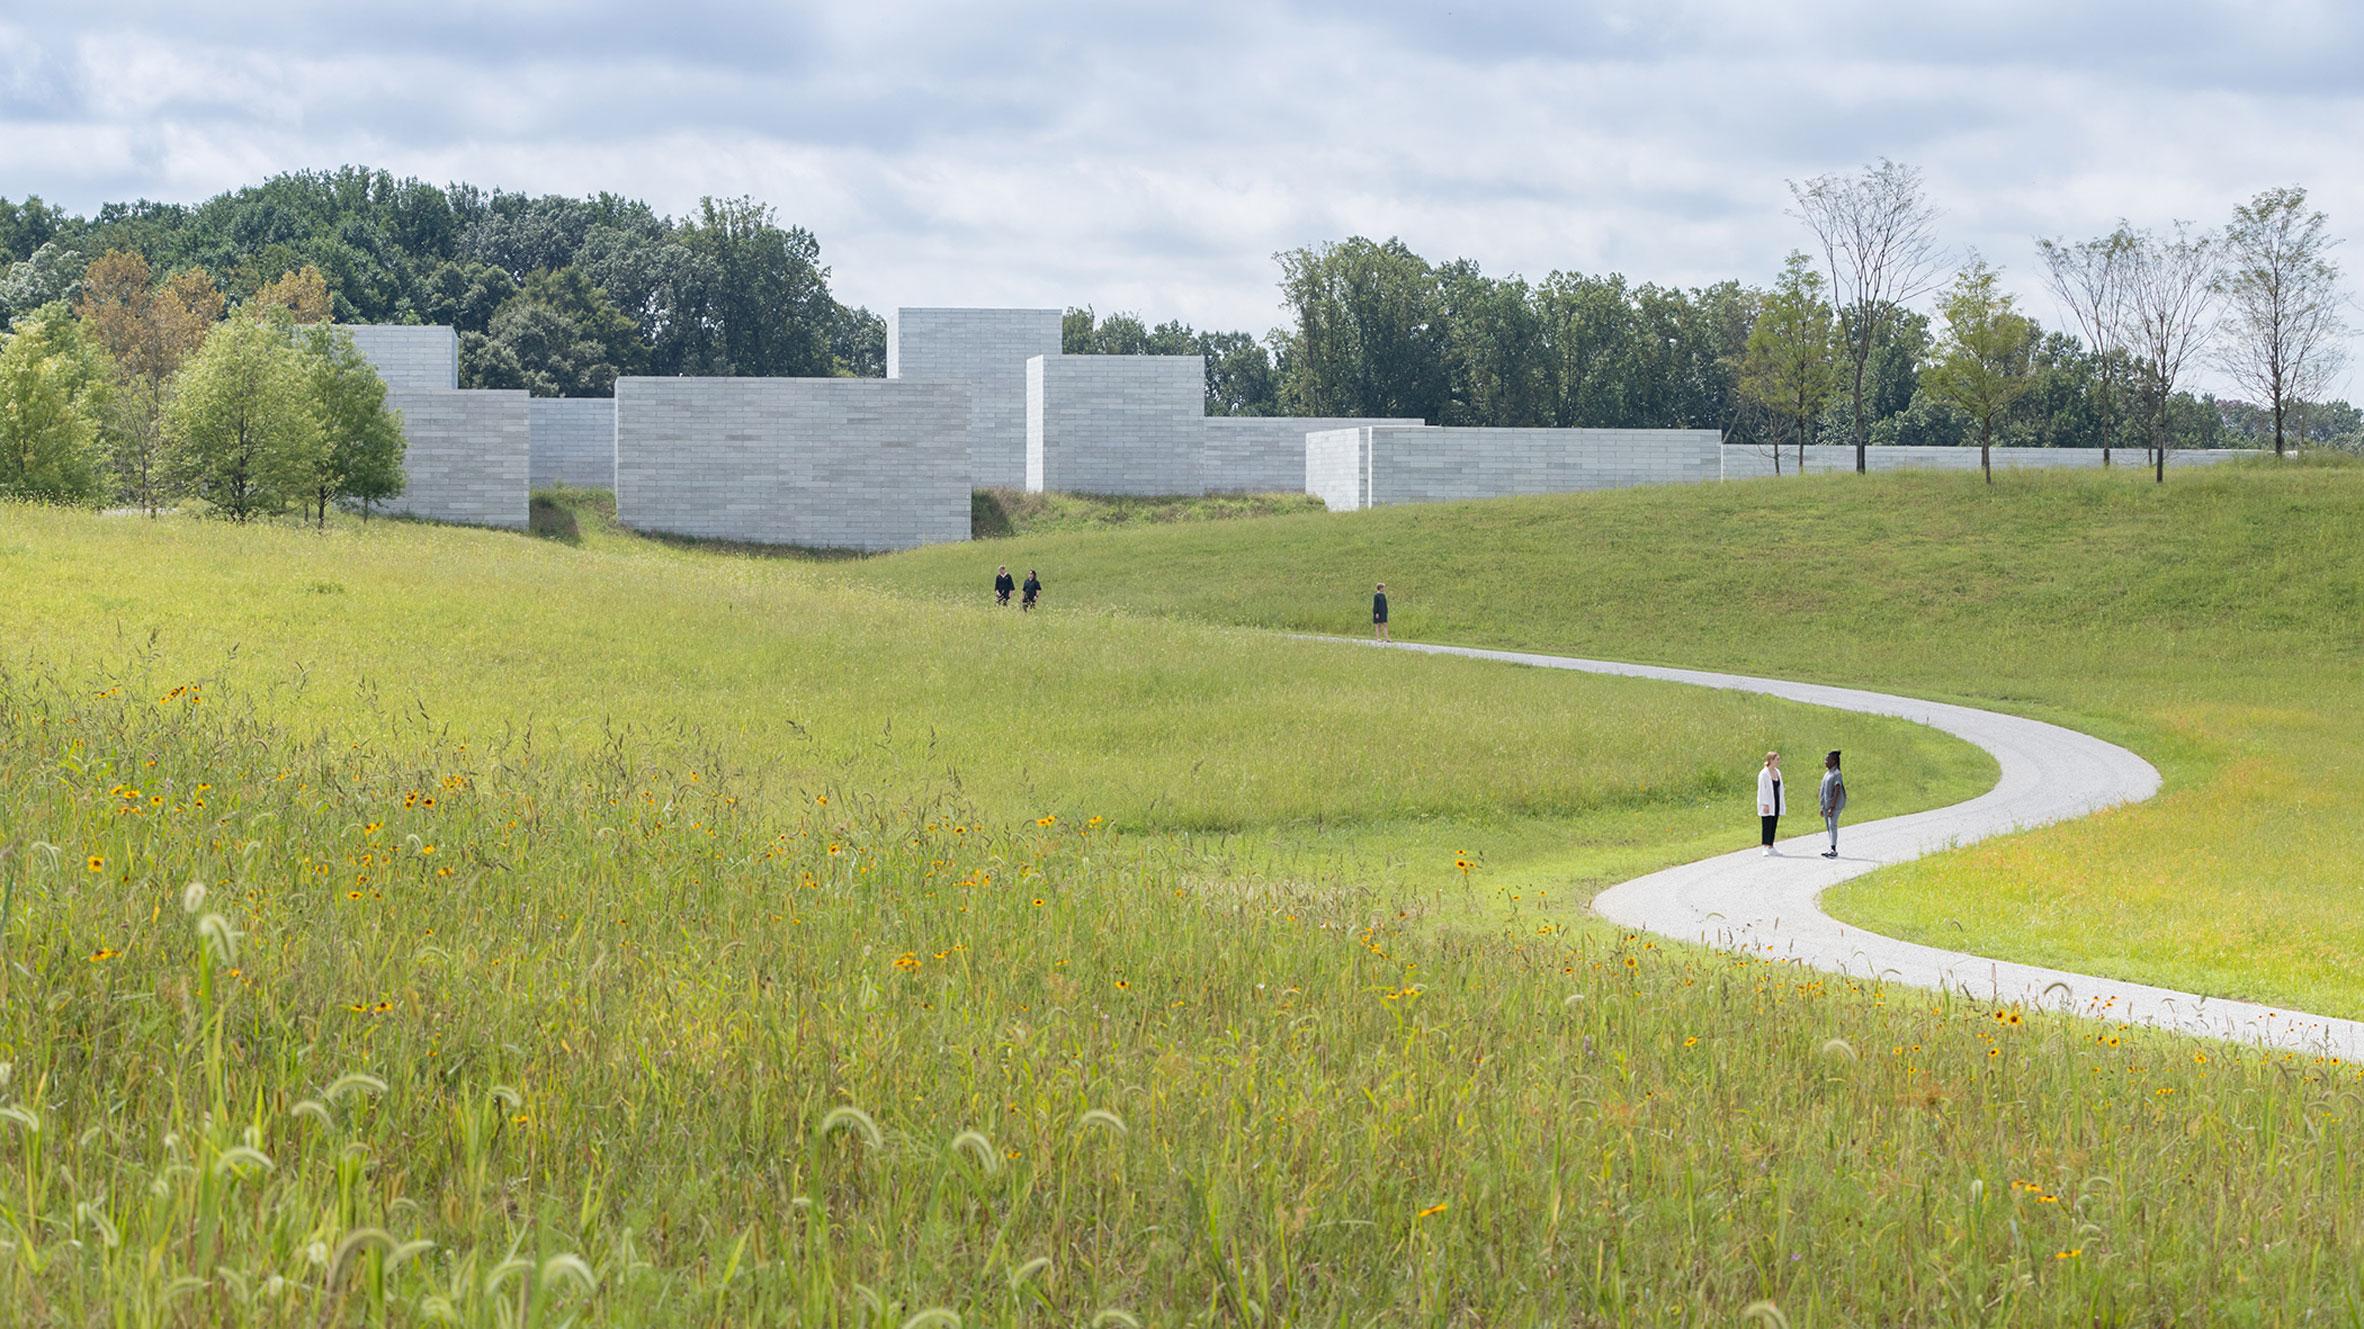 Landscape architecture on the approach to Glenstone Pavilions, Potomac